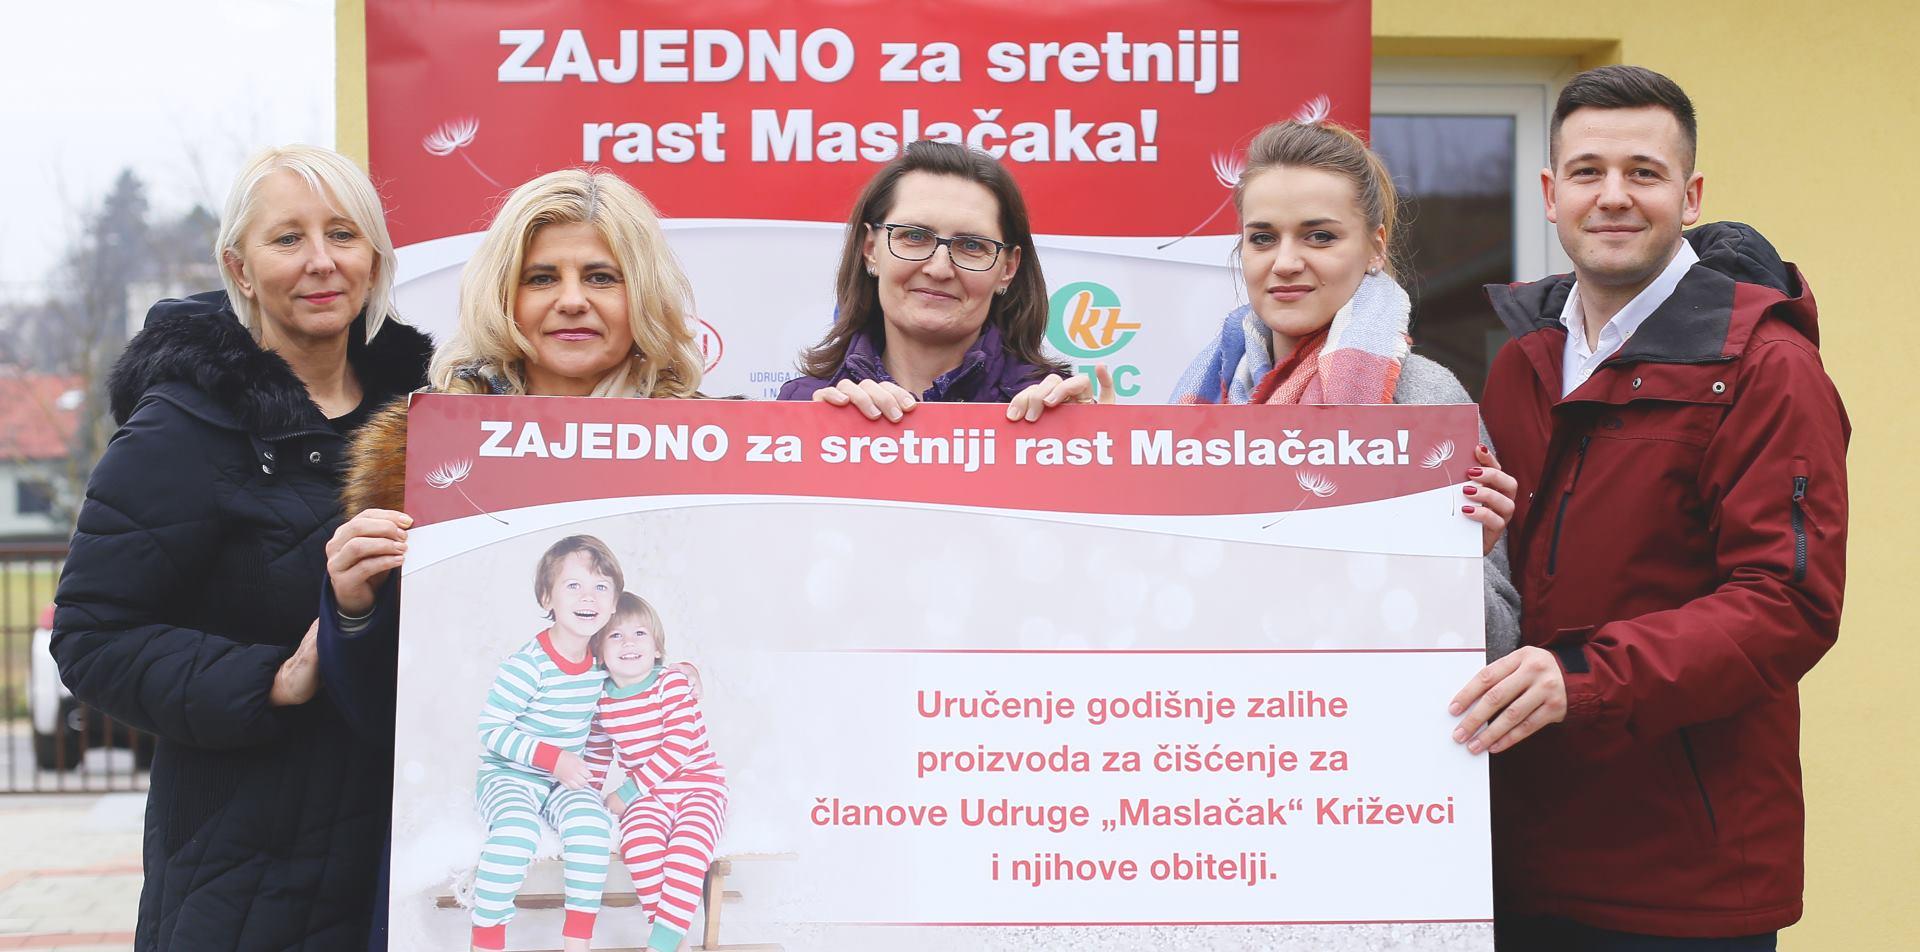 Uručenjem donacije uspješno završila  akcija 'Zajedno za sretniji rast Maslačaka'